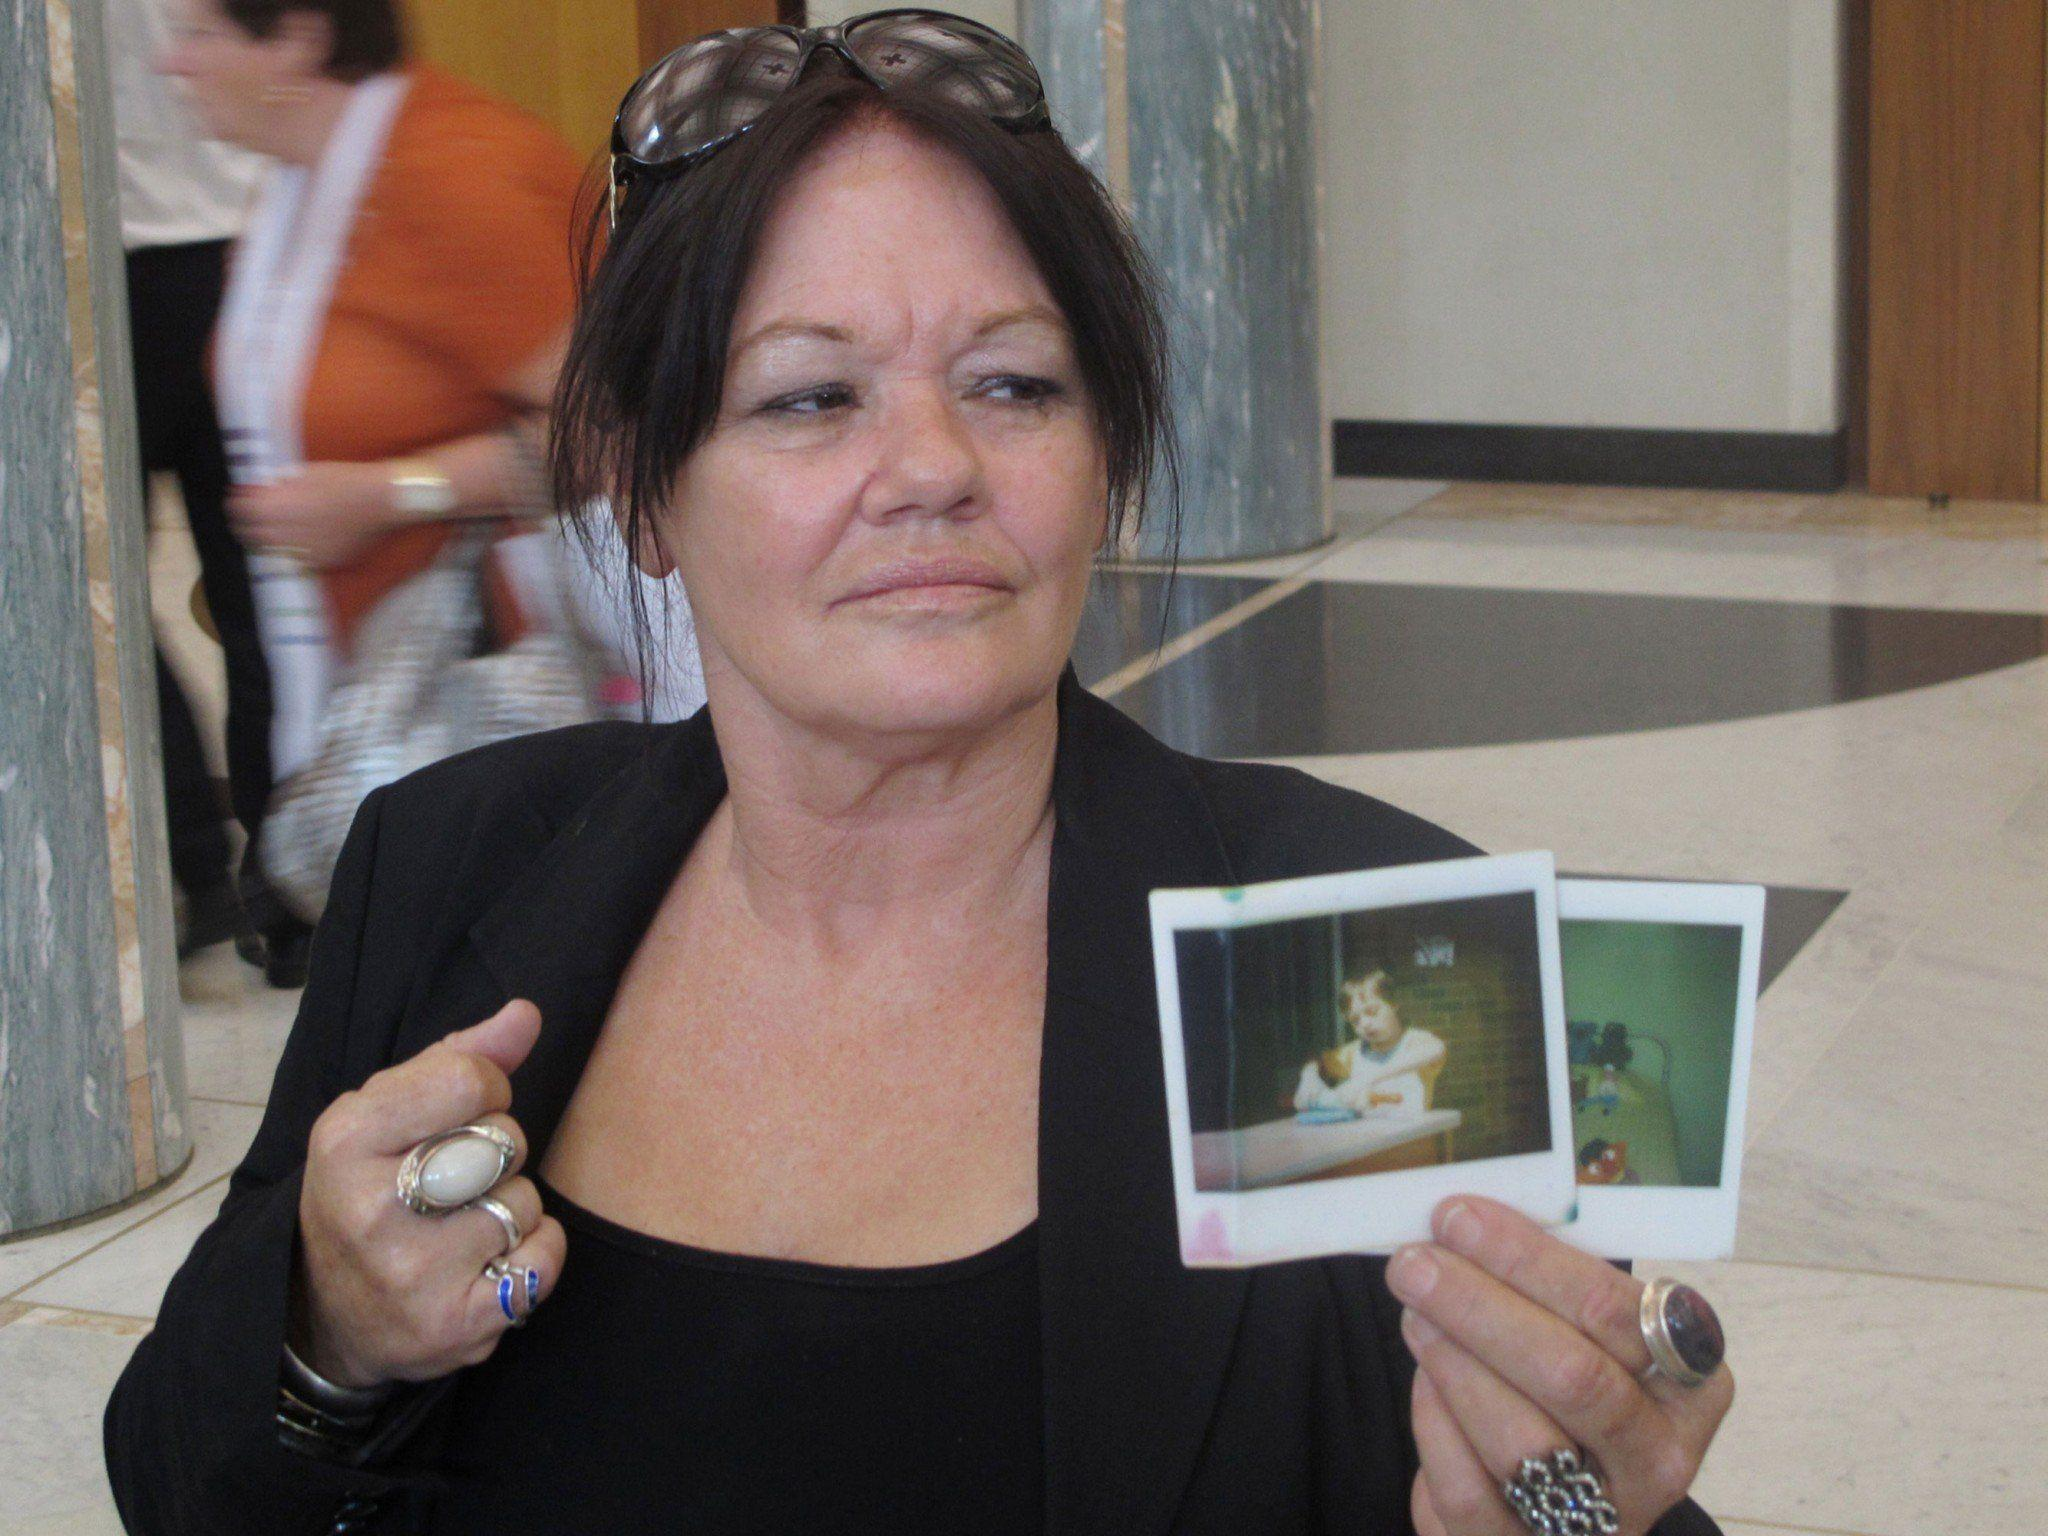 Auch dieser Mutter wurden die Kinder unrechtmäßig weggenommen.